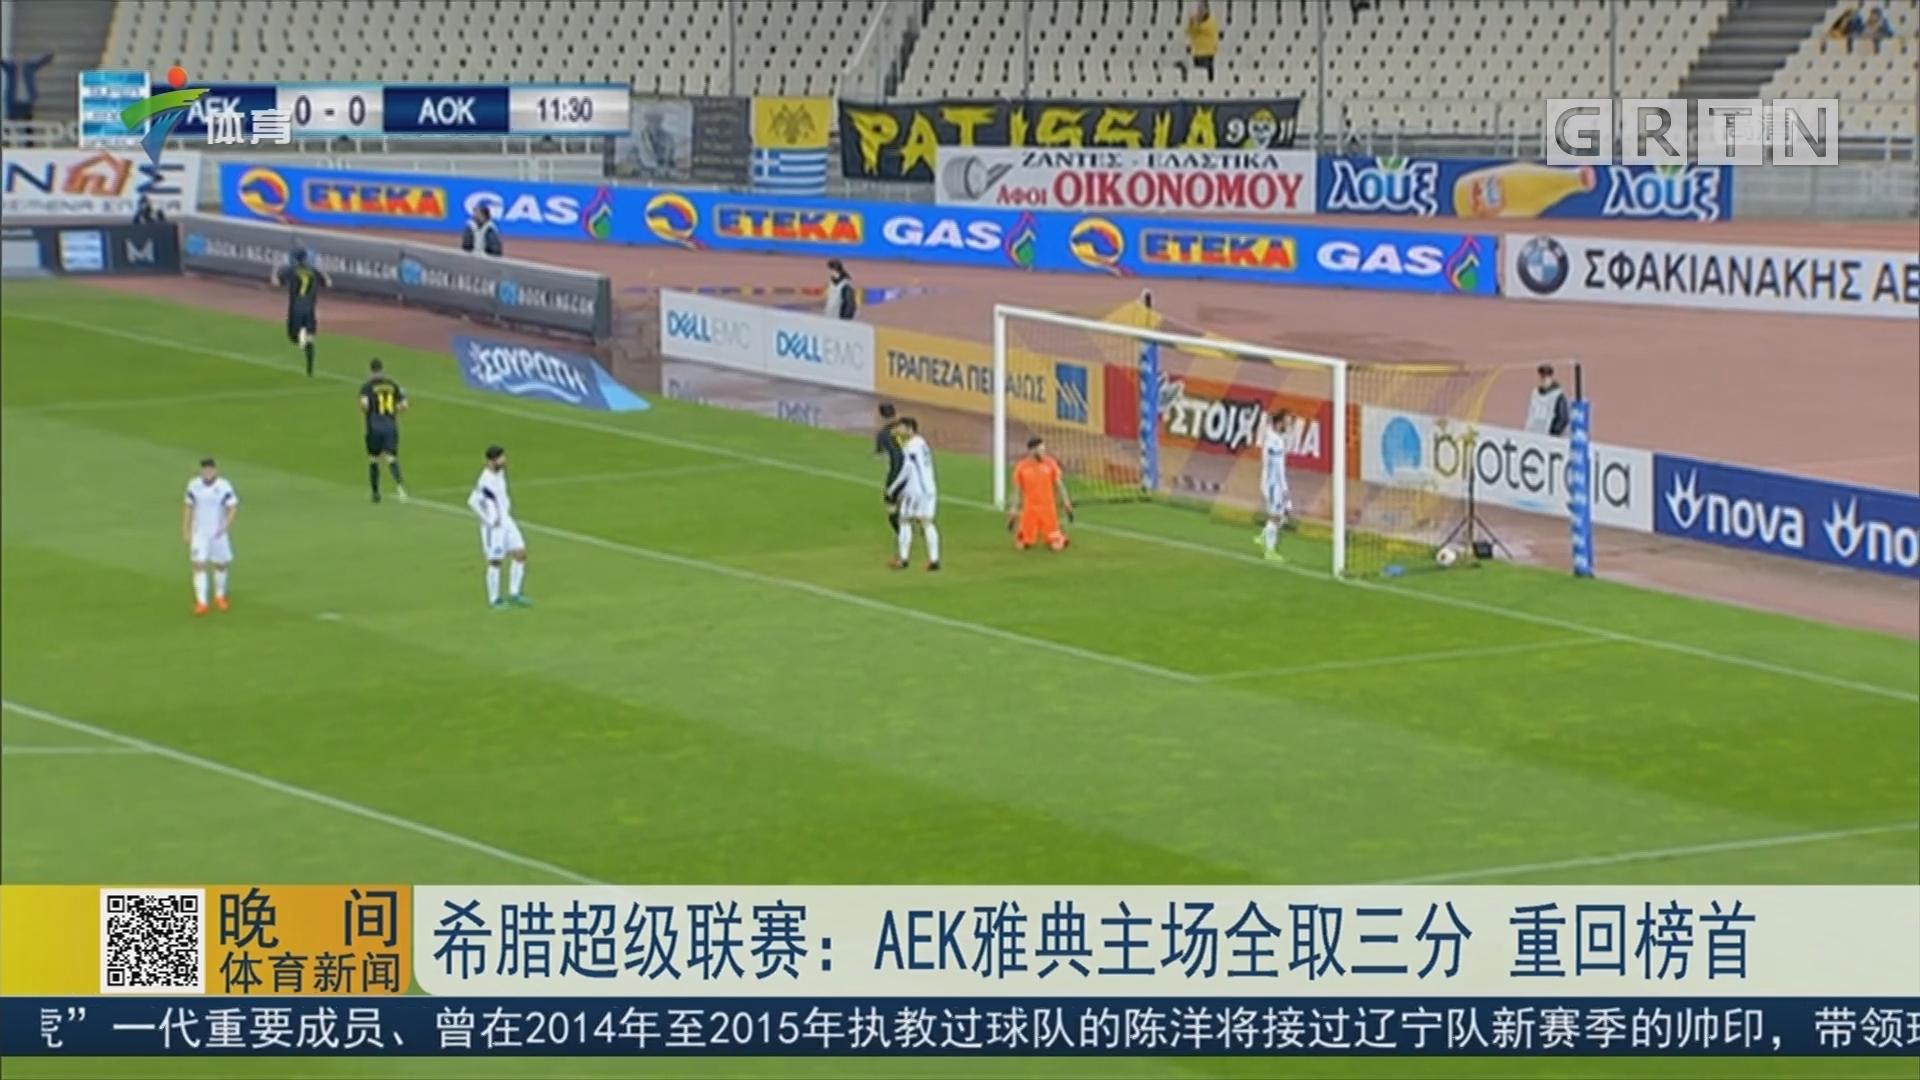 希腊超级联赛:AEK雅典主场全取三分 重回榜首